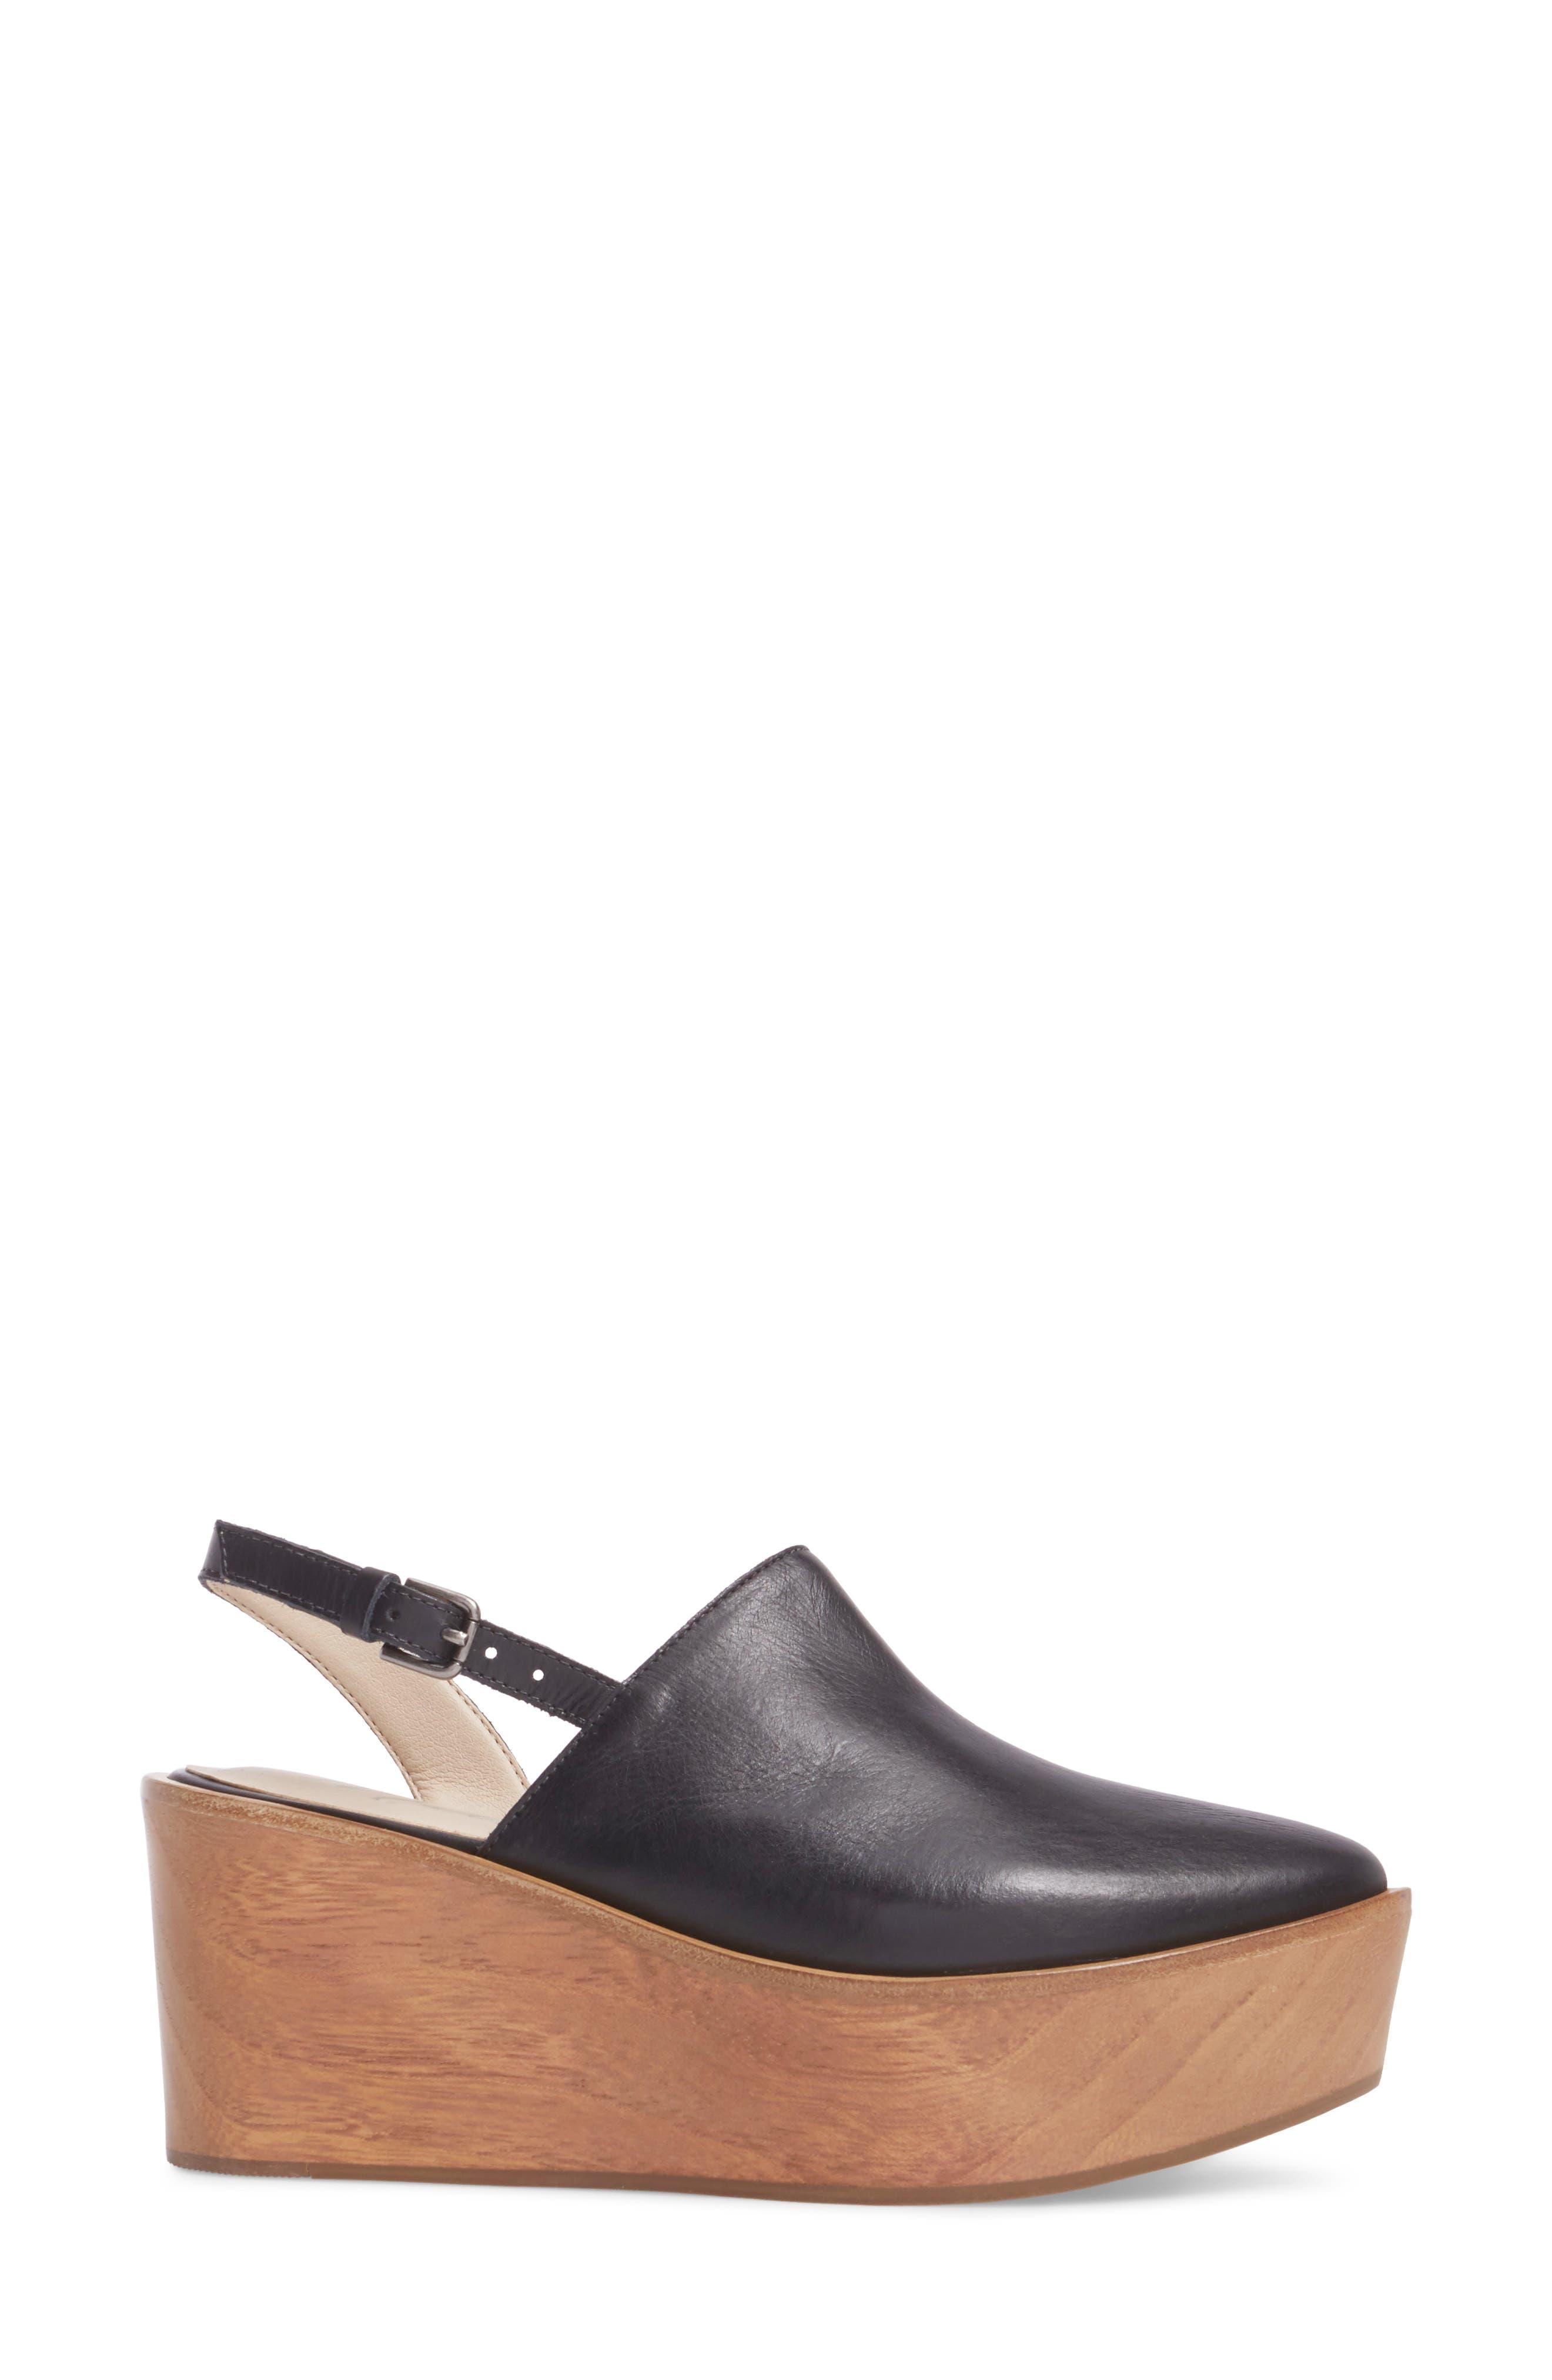 Eyals Slingback Platform Wedge Sandal,                             Alternate thumbnail 3, color,                             BLACK LEATHER